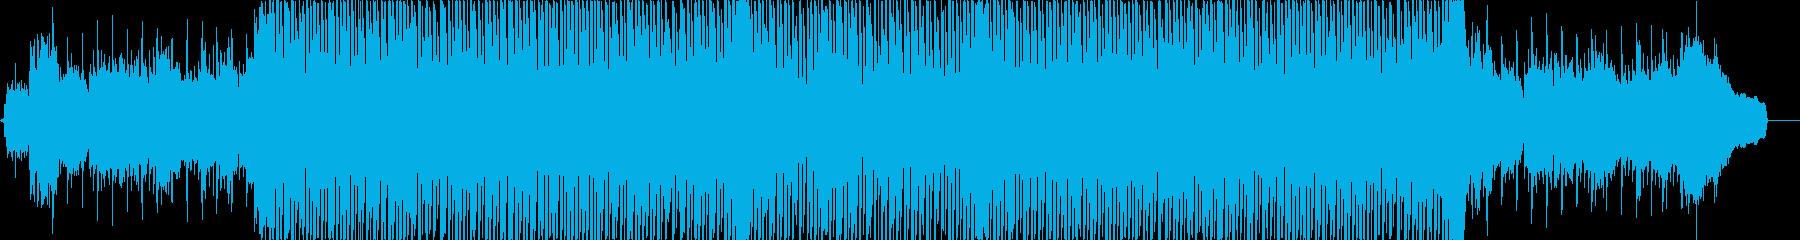 物語を語る様な前向きなメロディの再生済みの波形